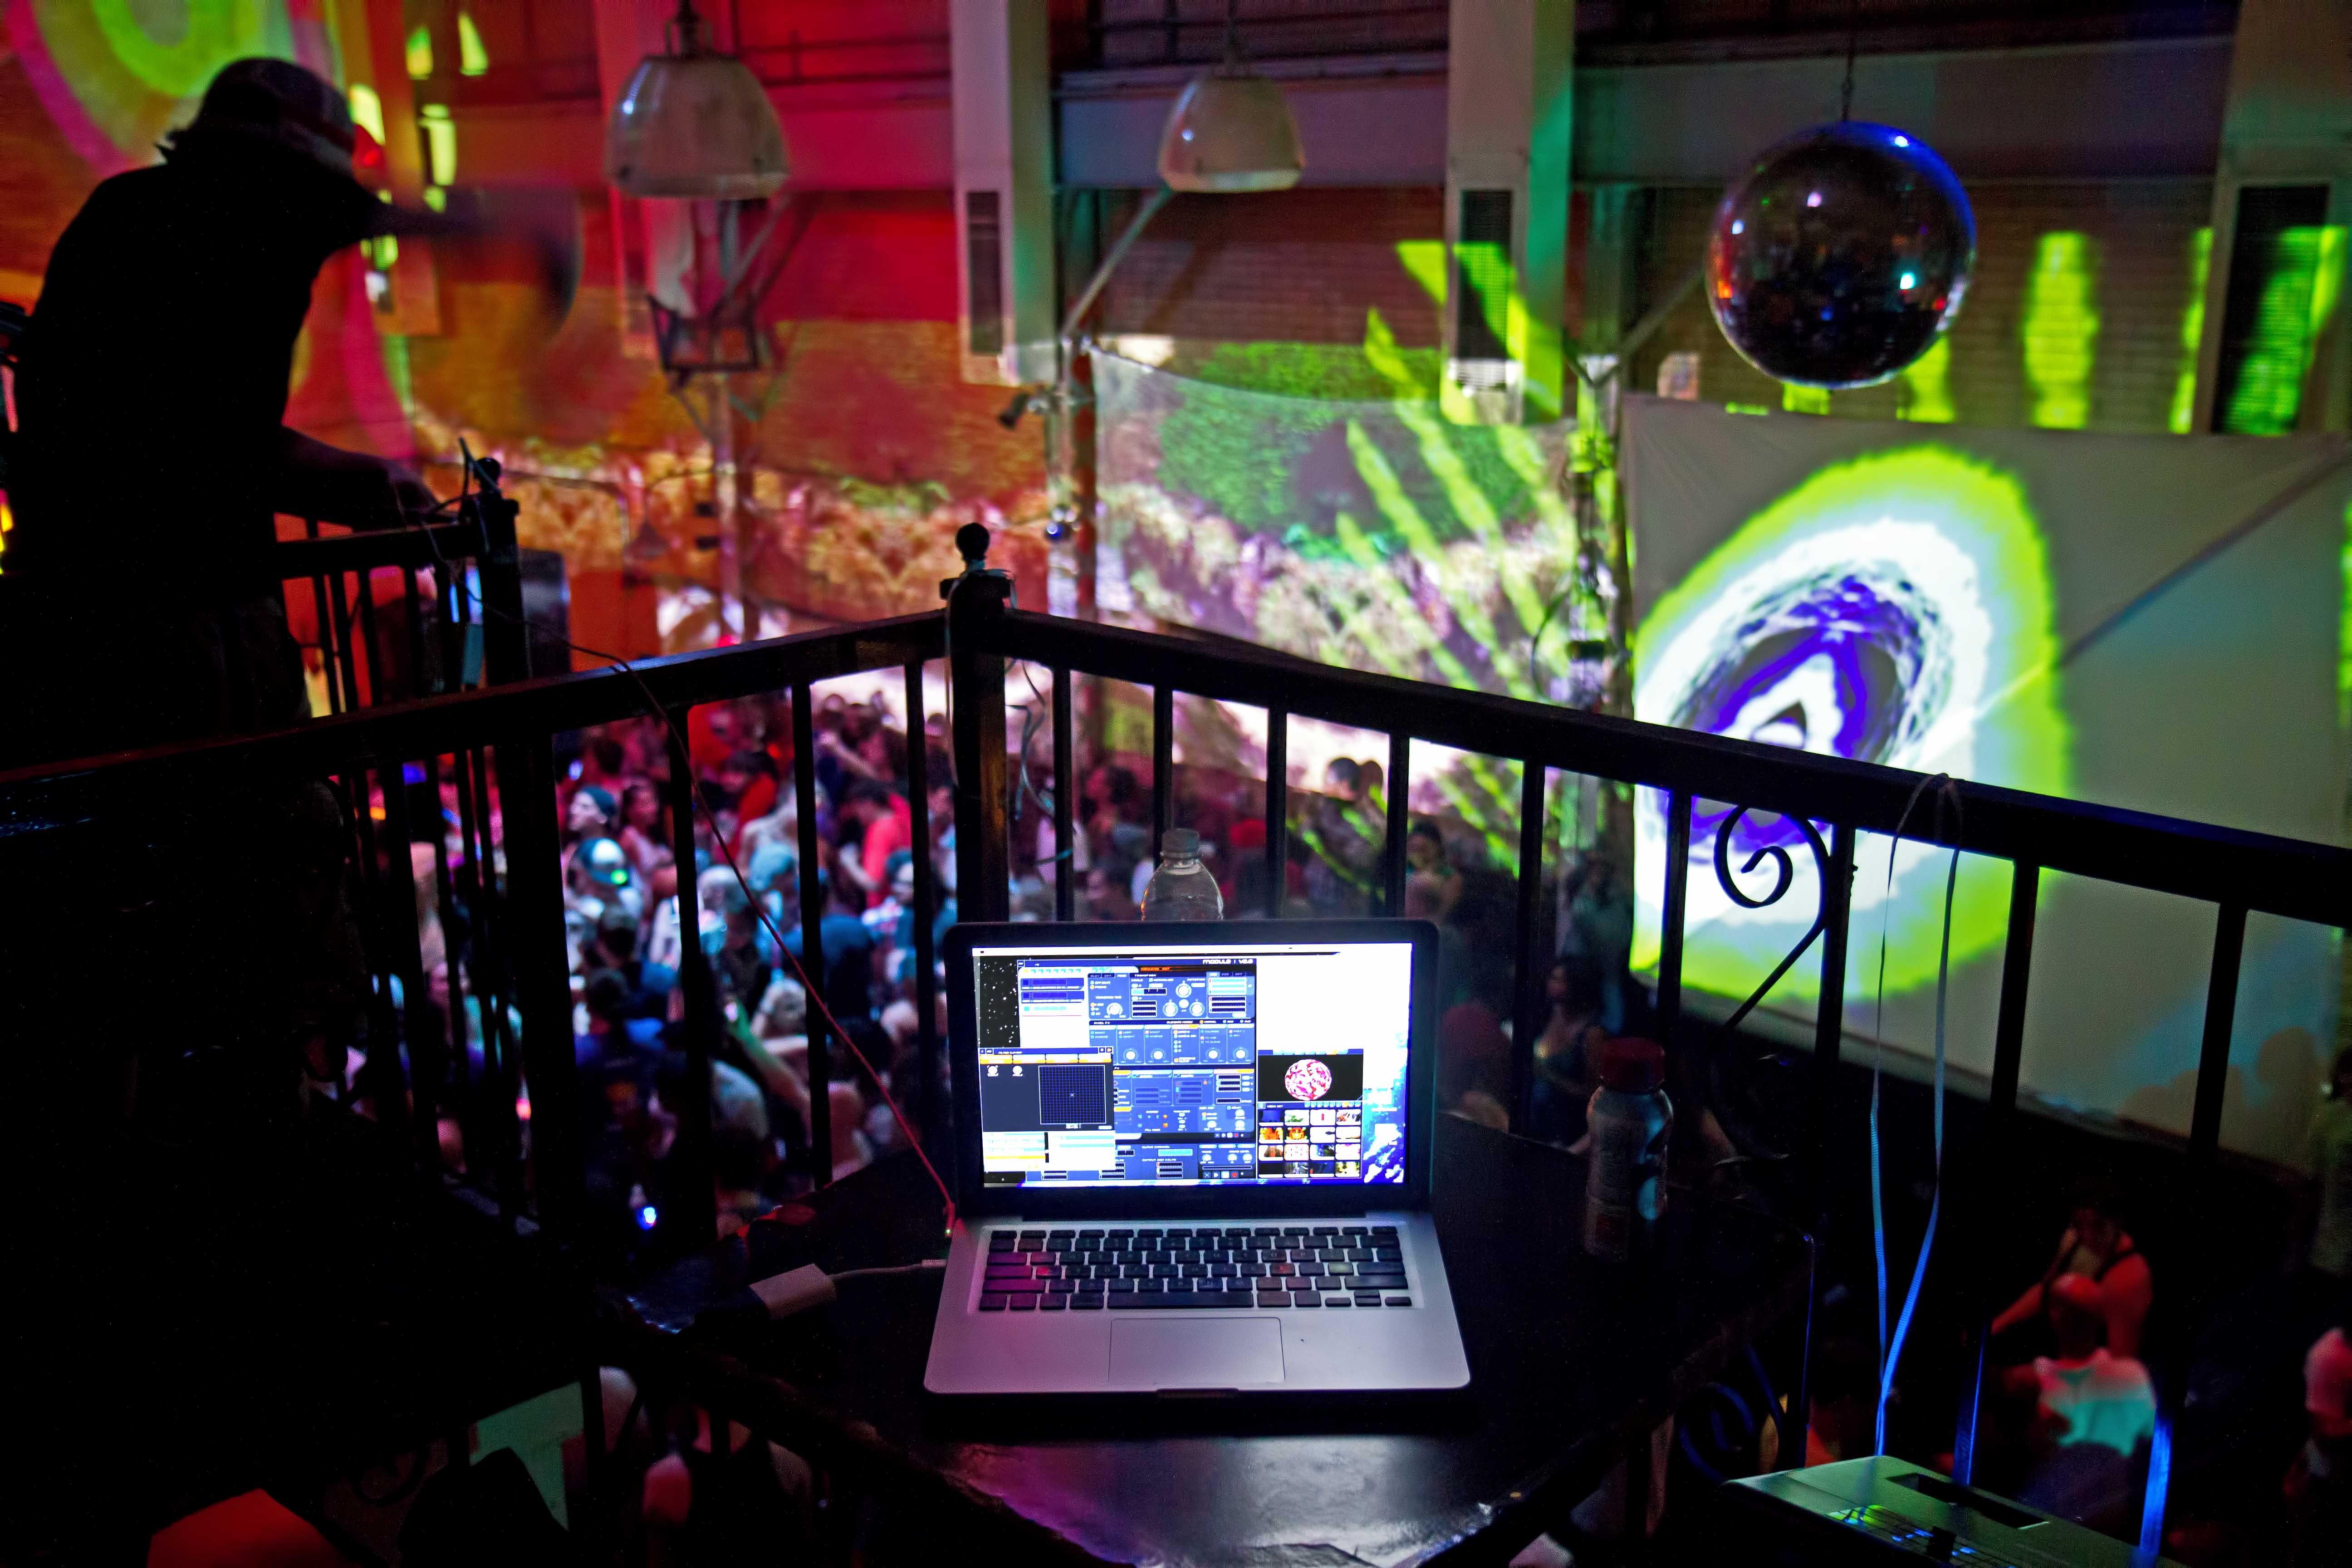 clubs Underground bk strip